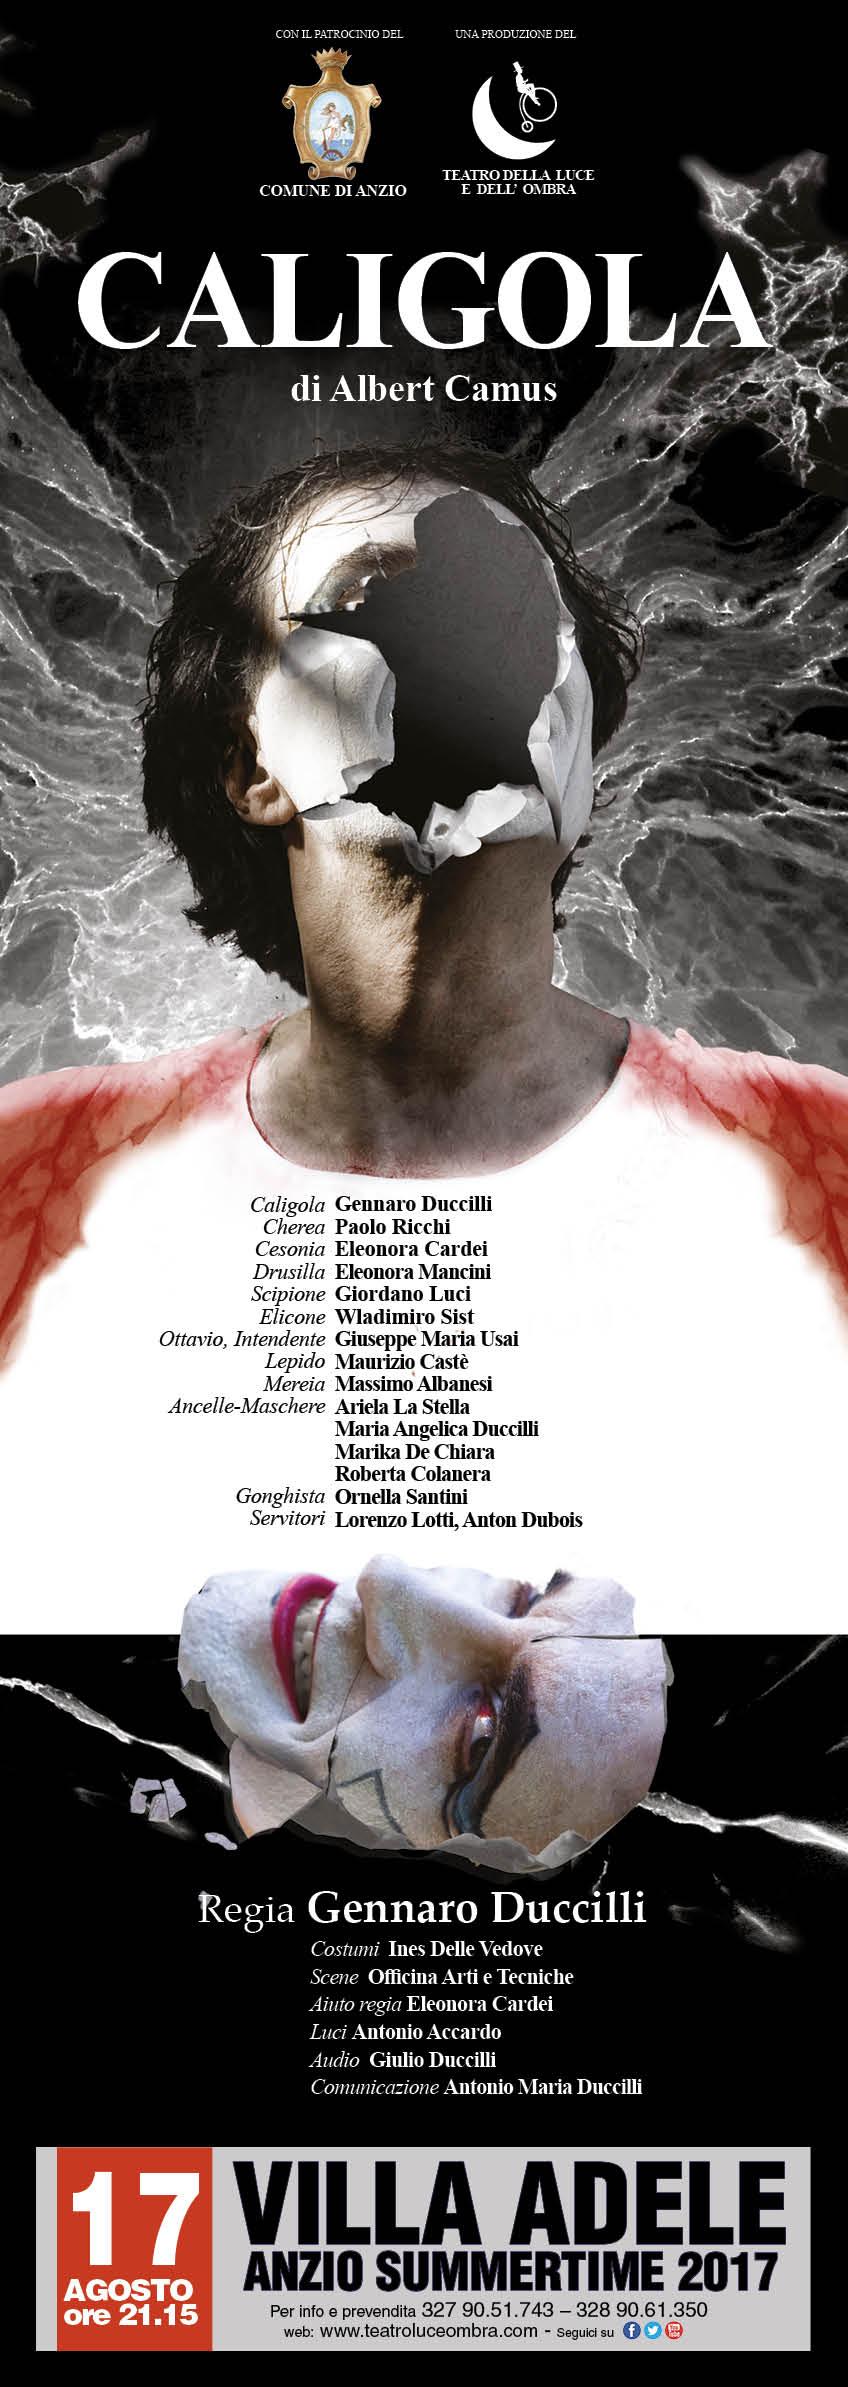 Locandina spettacolo Caligola, spettacolo teatrale a Villa Adele, Anzio